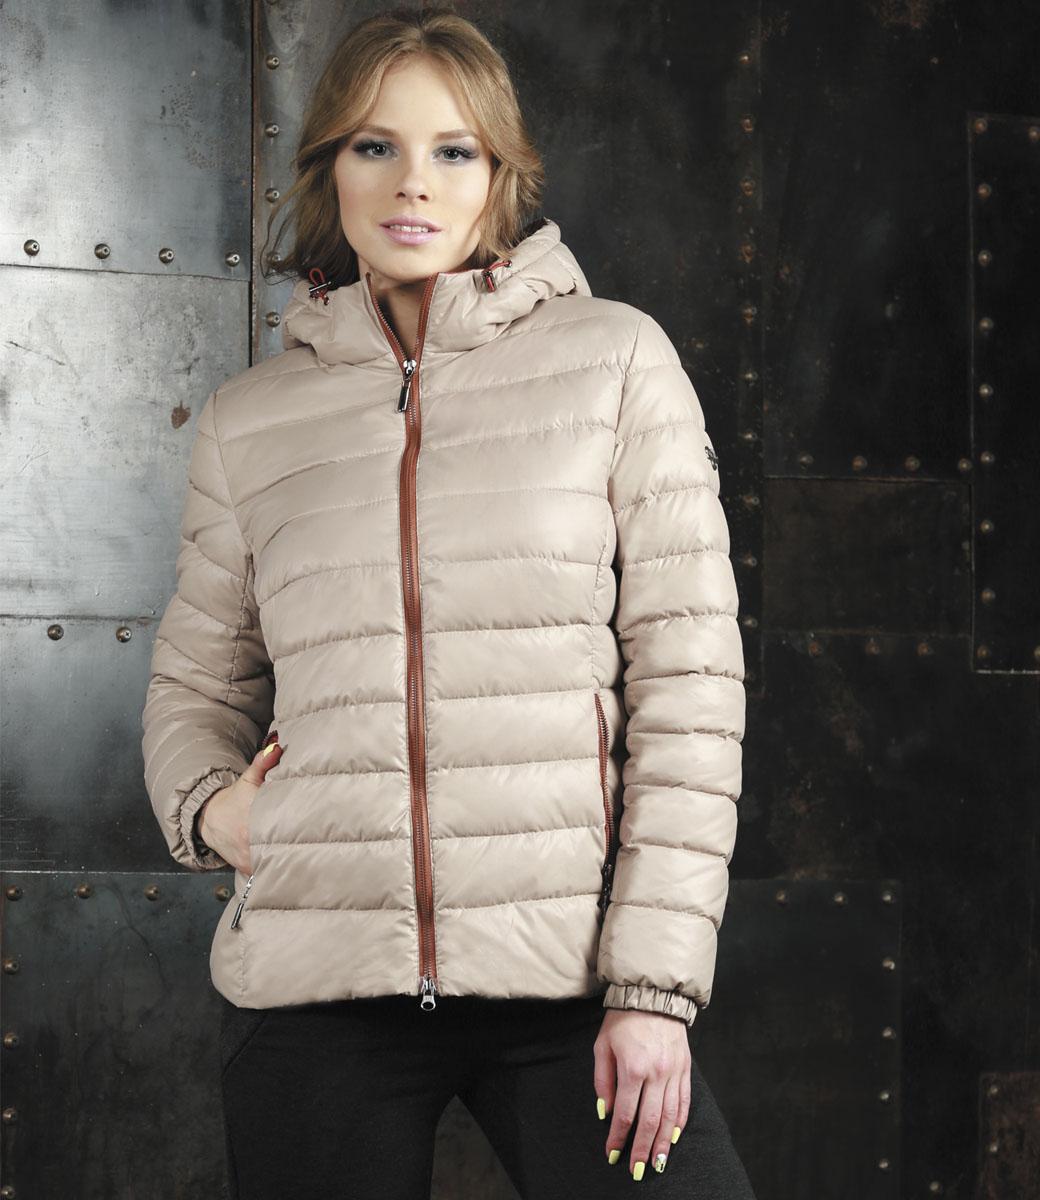 Куртка женская Grishko, цвет: светло-бежевый. AL-2968. Размер 46AL-2968Яркая женская куртка Grishko выполнена из 100% полиамида с наполнителем из полиэстера. Оформлена в трендовой цветовой гамме нового осенне-зимнего сезона. Такая модель отлично подойдет для прохладной погоды.Куртка с капюшоном приталенного кроя застегивается на застежку-молнию. Капюшон дополнен резинкой со стопперами, благодаря чему можно регулировать его в размере. Модель снаружи дополнена двумя втачными карманами на молниях. Манжеты рукавов оформлены на резинках.Очень комфортная и стильная куртка будет прекрасным выбором для повседневной носки и подчеркнет вашу индивидуальность.